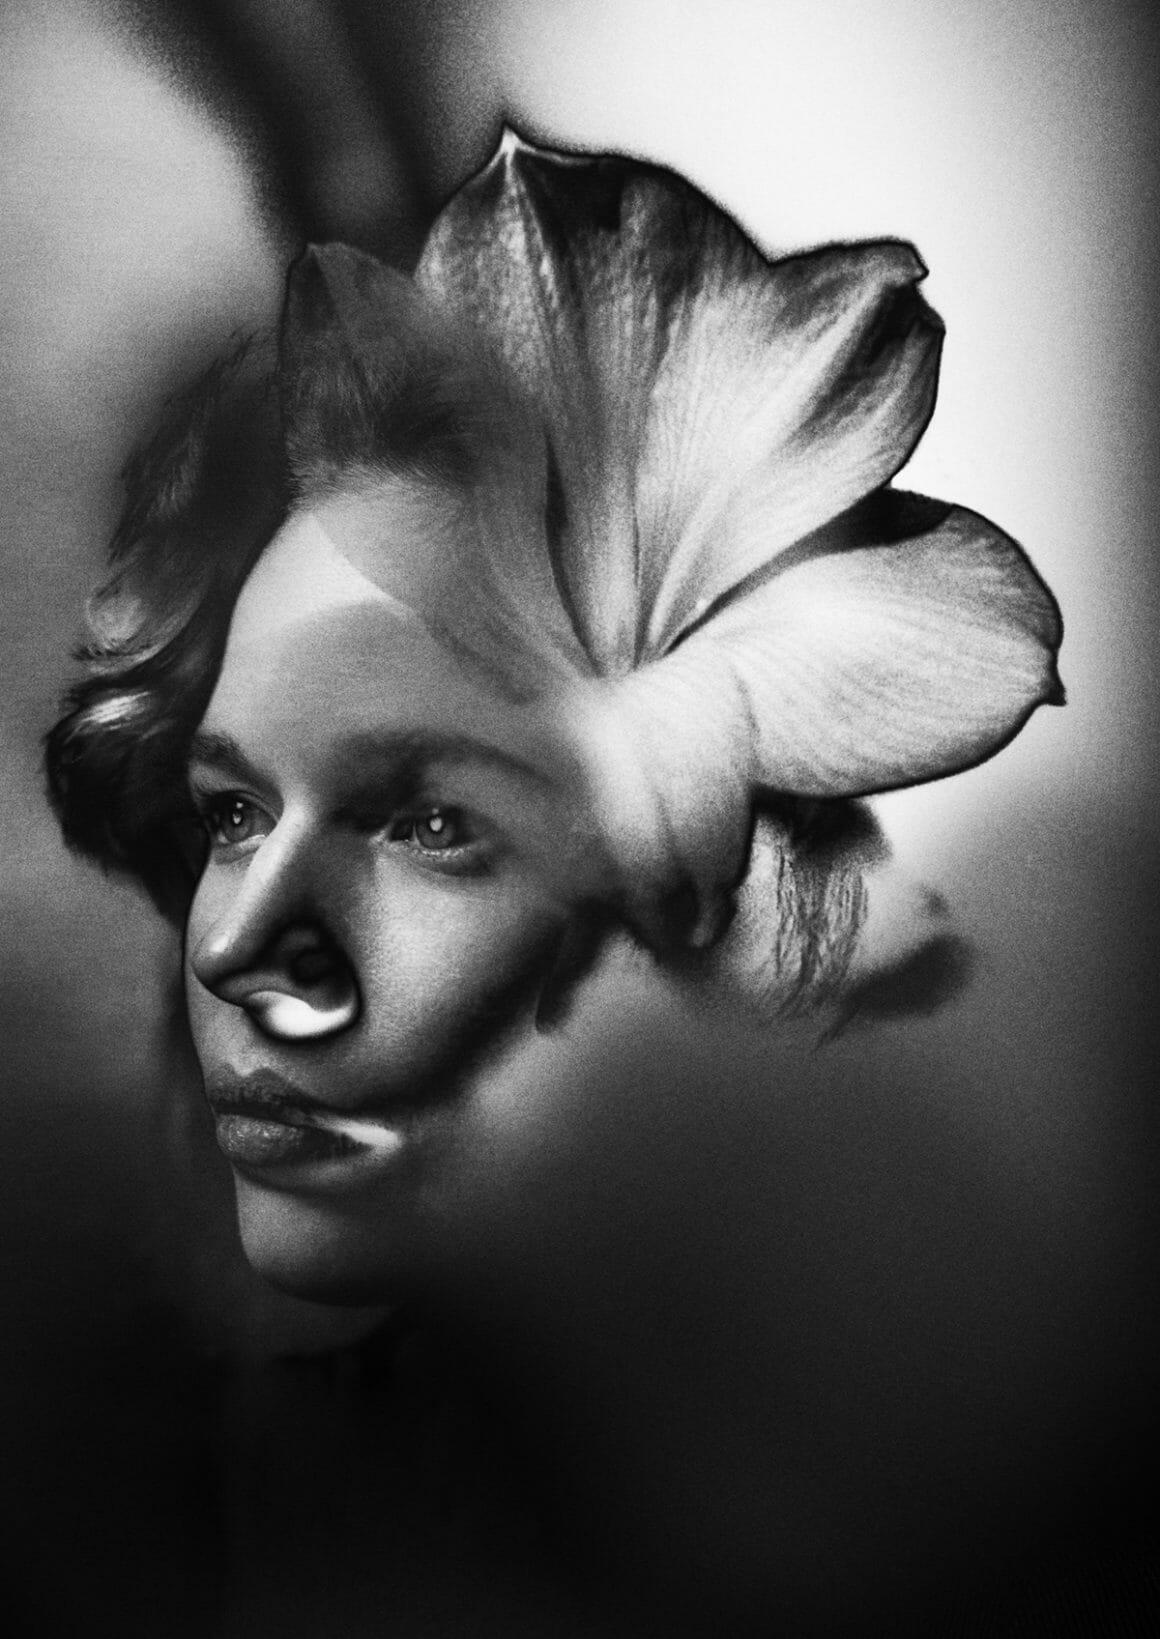 photo portrait réalisée par la photographe allemande Elizaveta Porodina